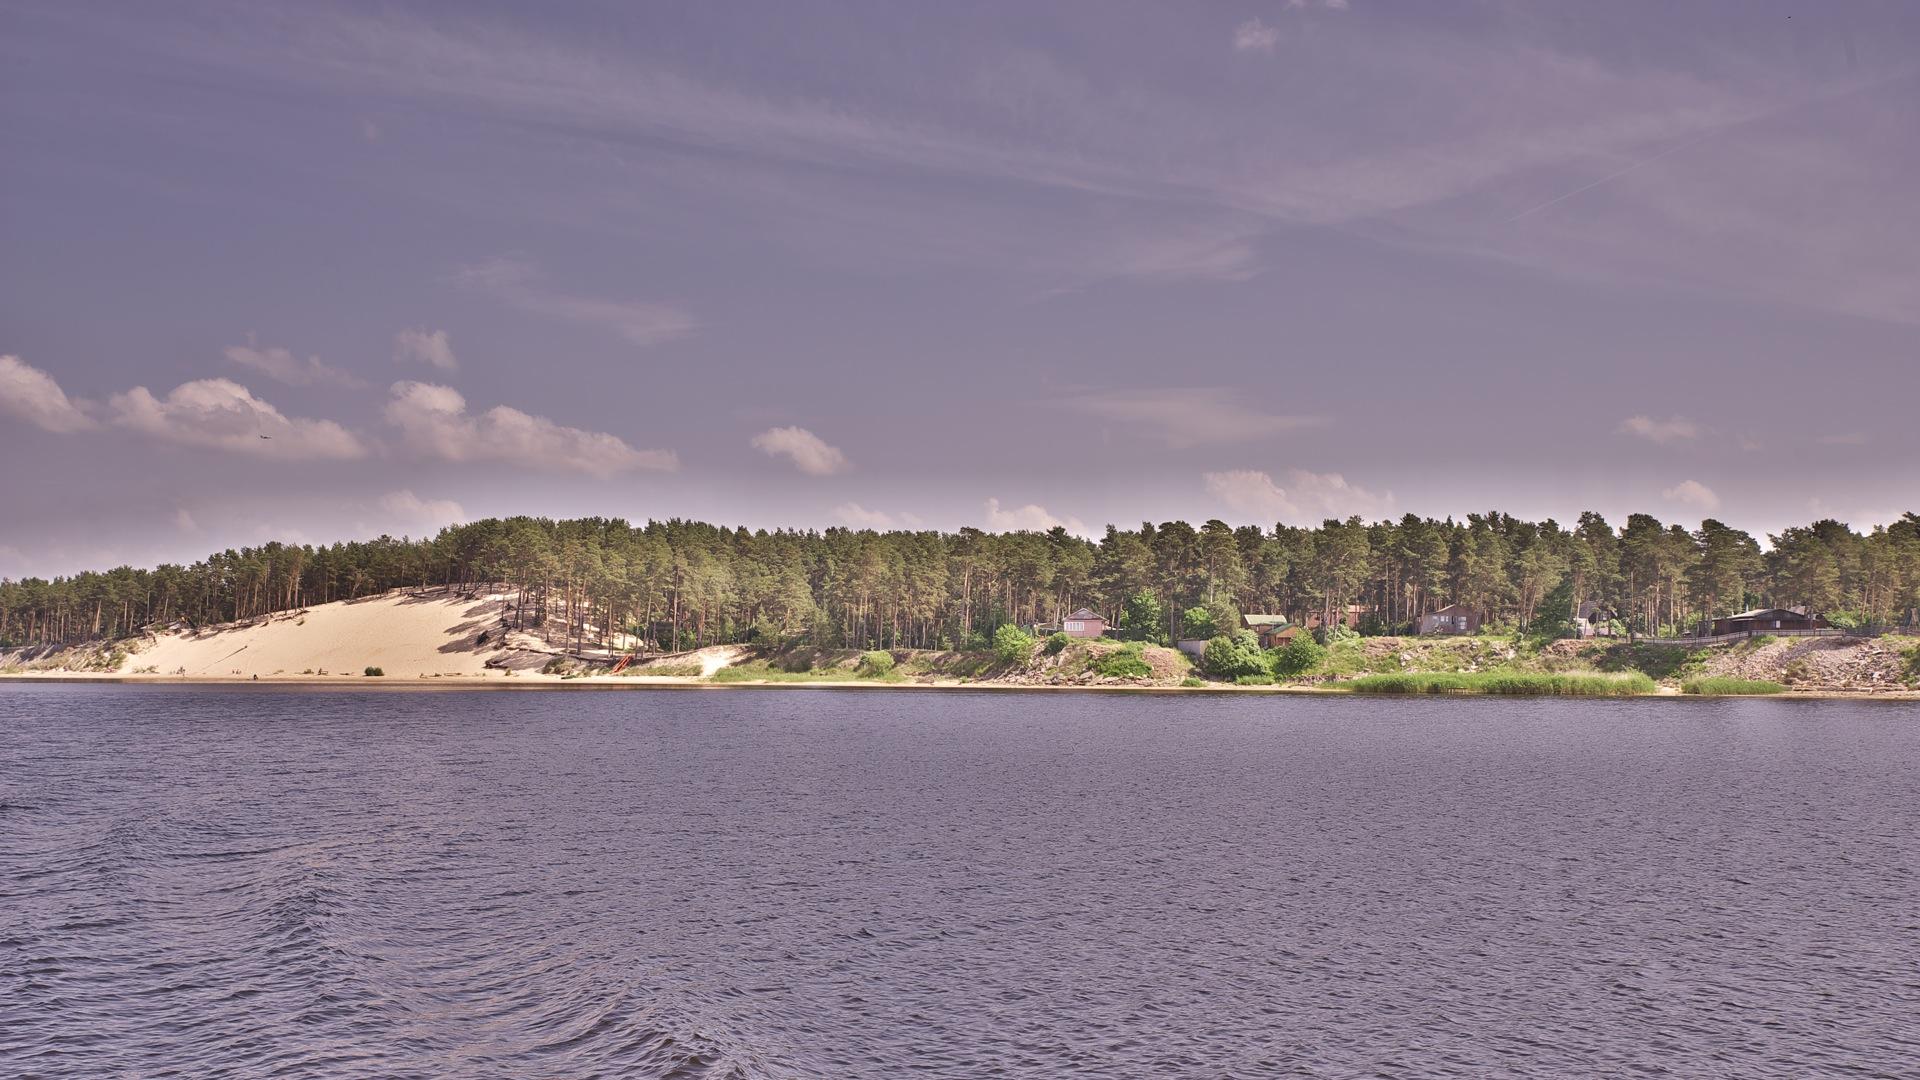 Bild: Am Ufer der Lielupe gibt es auch Sanddünen so wie hier zwischen Bolderāja und Jūrmala. NIKON D700 mit TAMRON SP 24-70mm F/2.8 Di VC USD. ISO 200 ¦ f/9 ¦ 35 mm ¦ 1/320 s ¦ kein Blitz. Klicken Sie auf das Bild um es zu vergrößern.